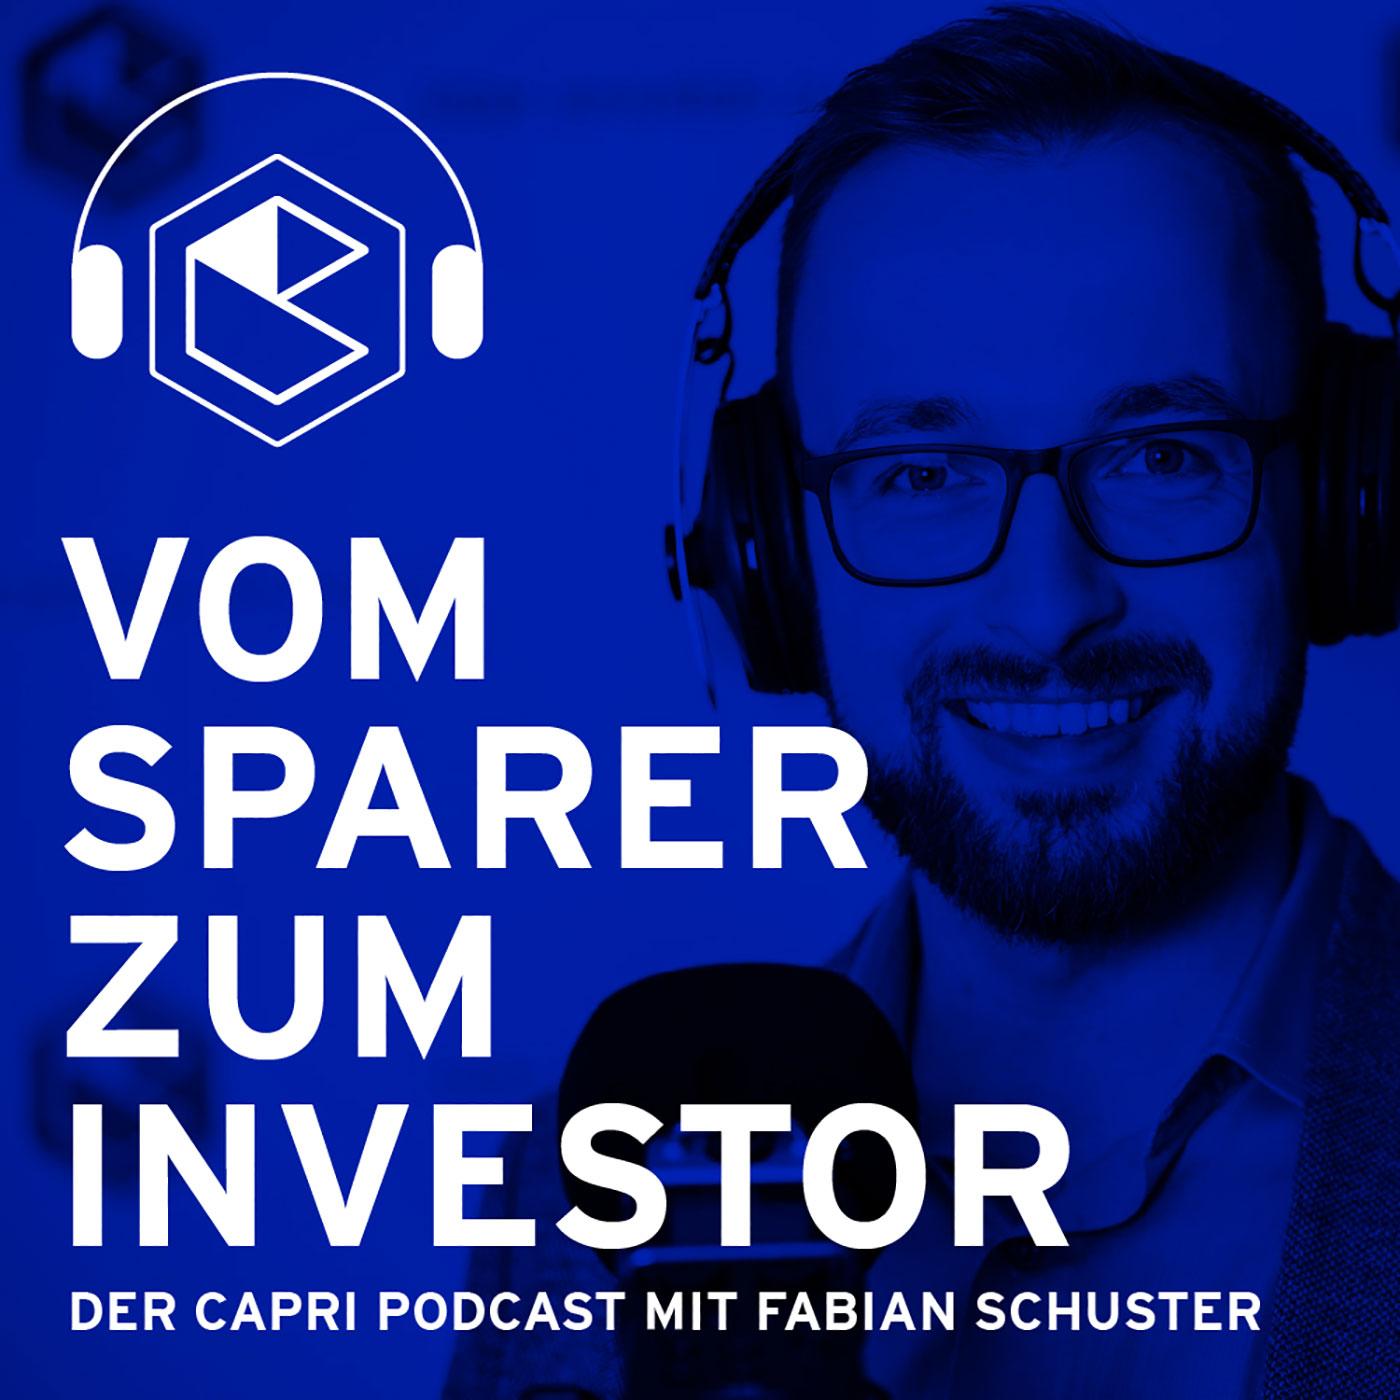 Vom Sparer zum Investor | Dein Podcast für wissenschaftliches Investieren und Vermögensaufbau mit Immobilien show art